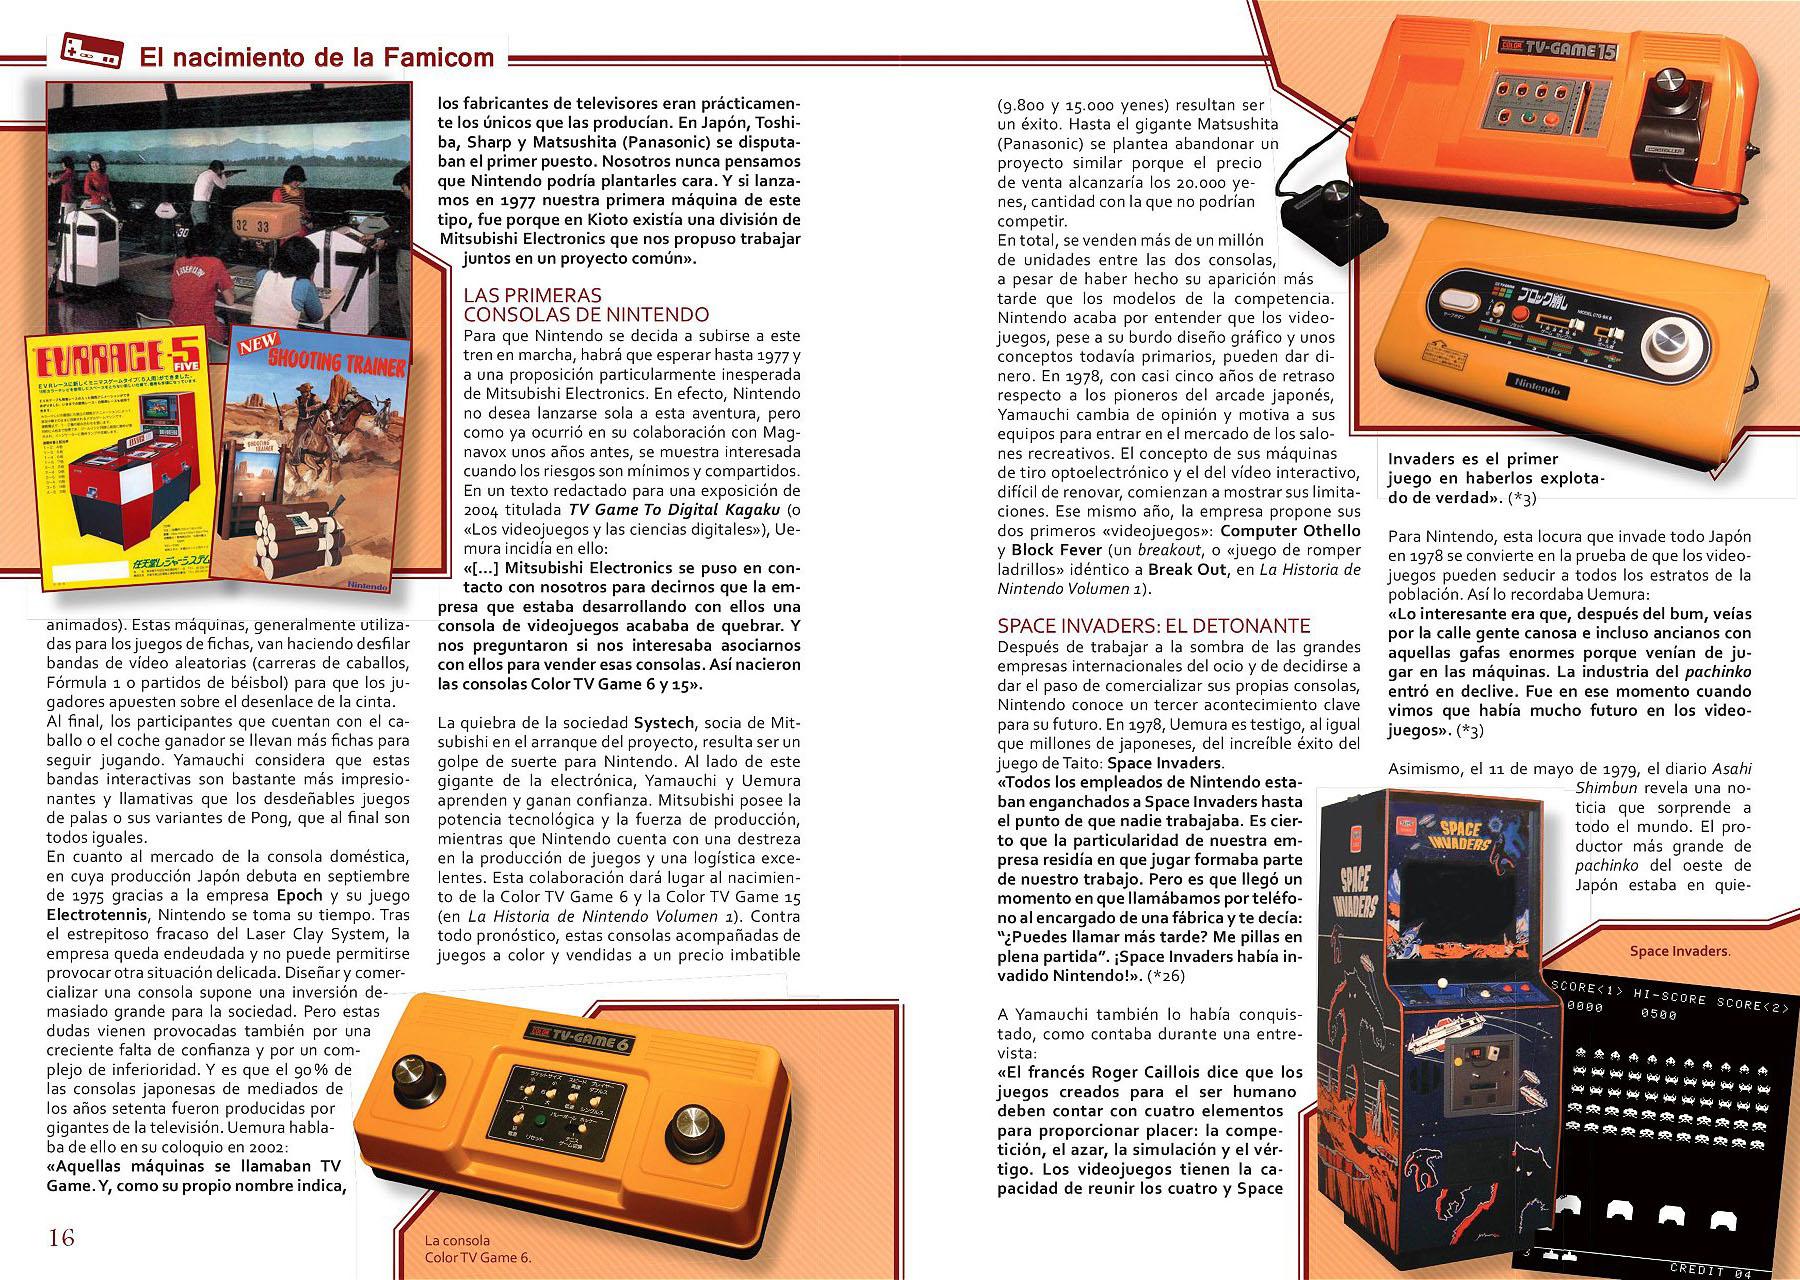 La historia de Nintendo: Volumen 3